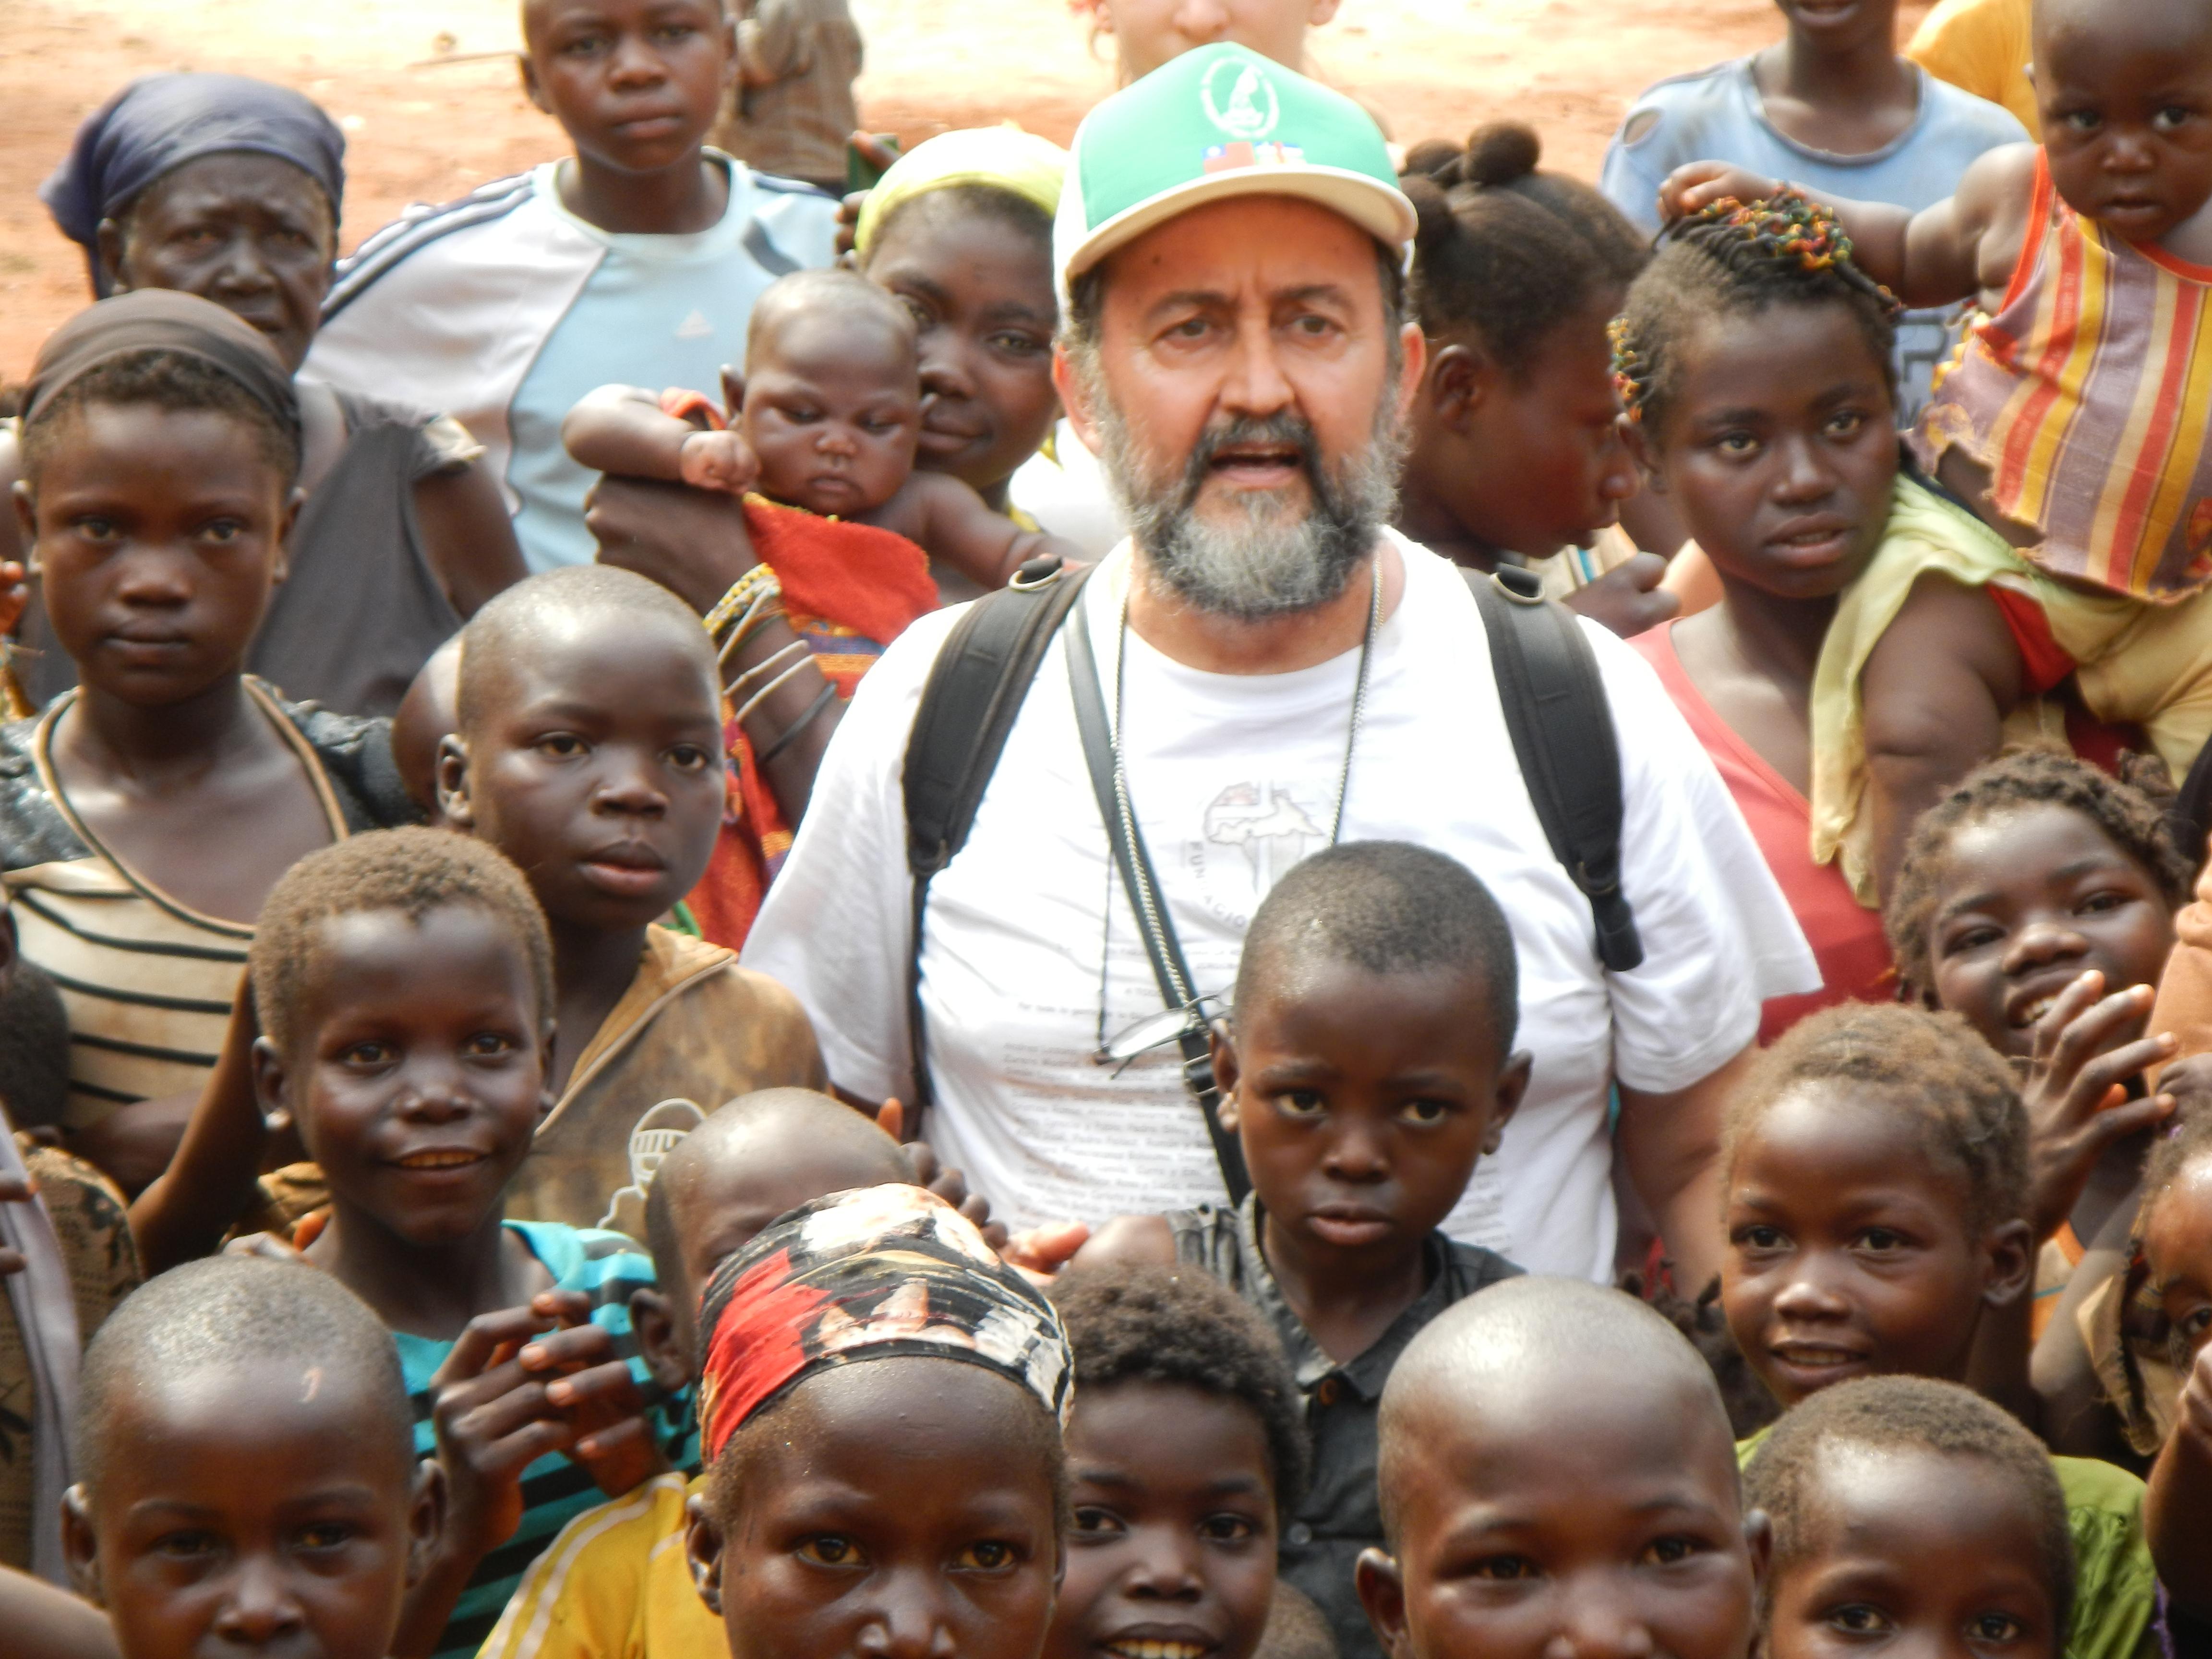 República Centroafricana: pide obispo no olvidar la guerra en el corazón de África